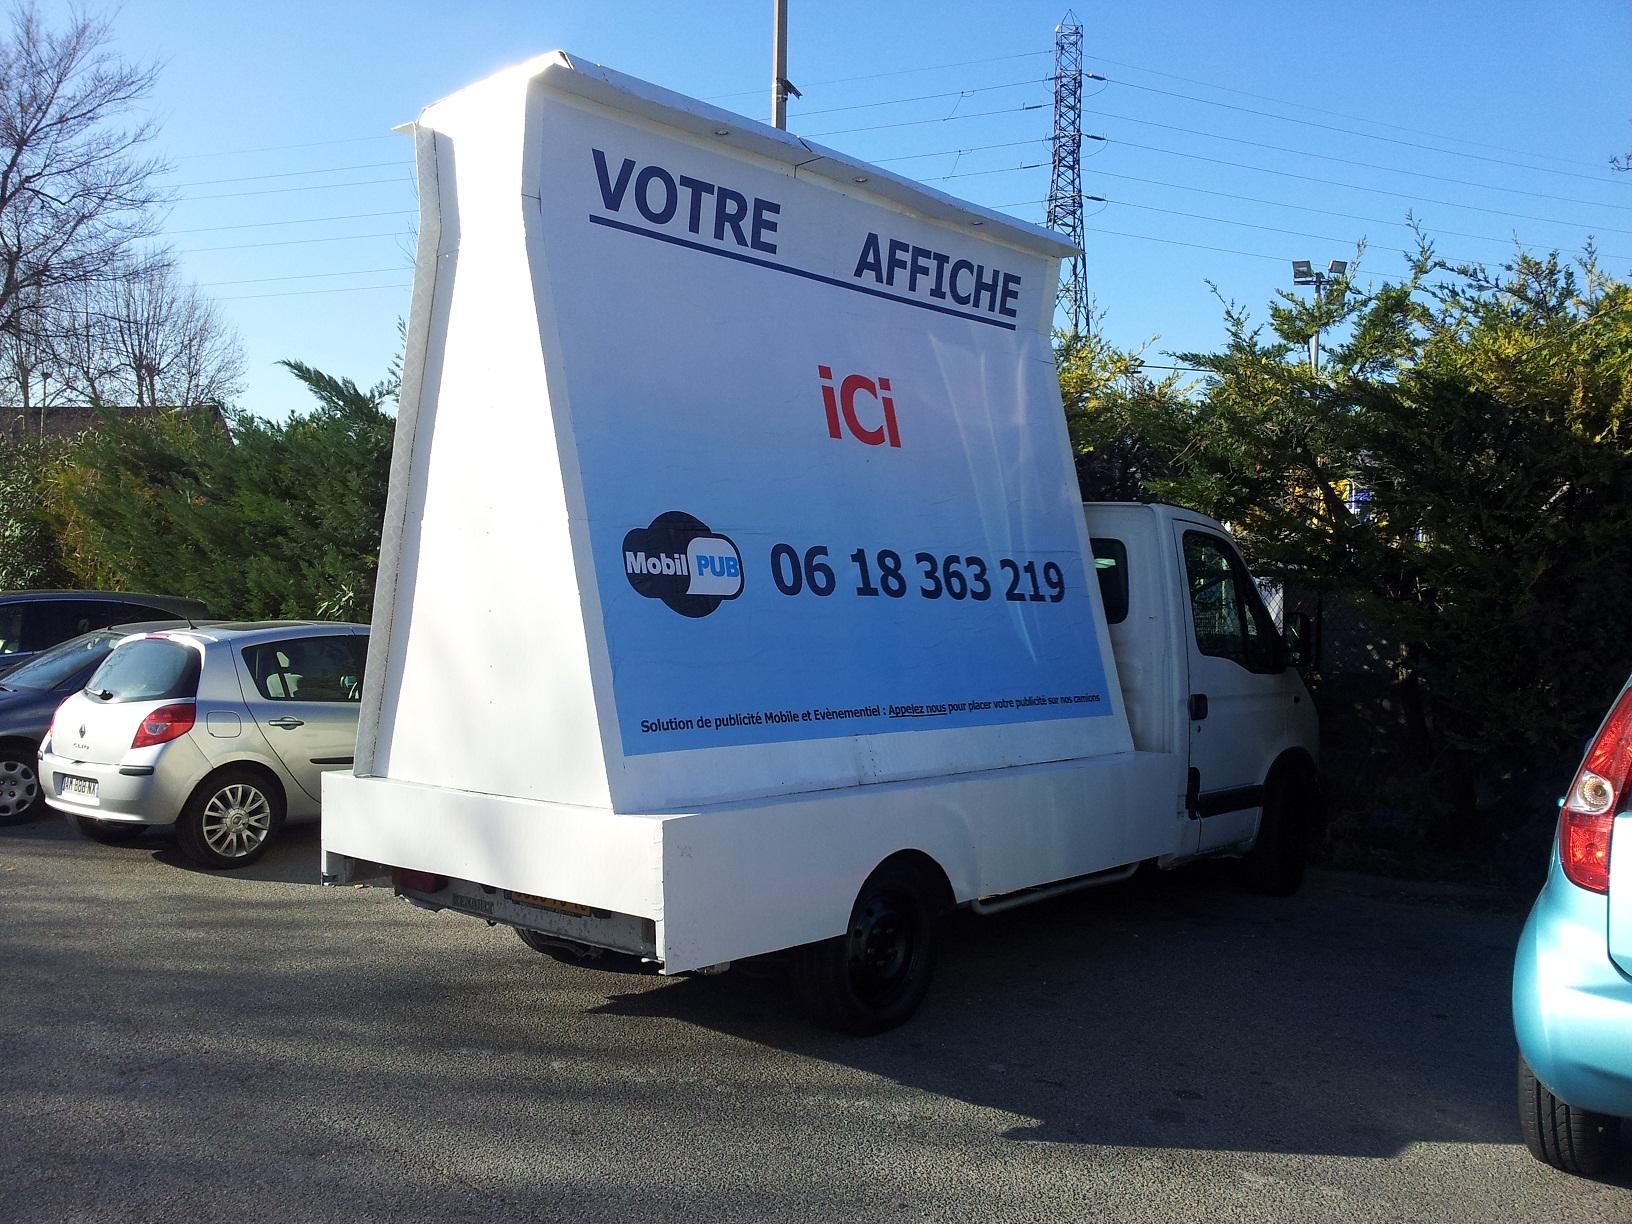 publicit mobile urbaine camion pub bordeaux camion publicitaire marseille. Black Bedroom Furniture Sets. Home Design Ideas